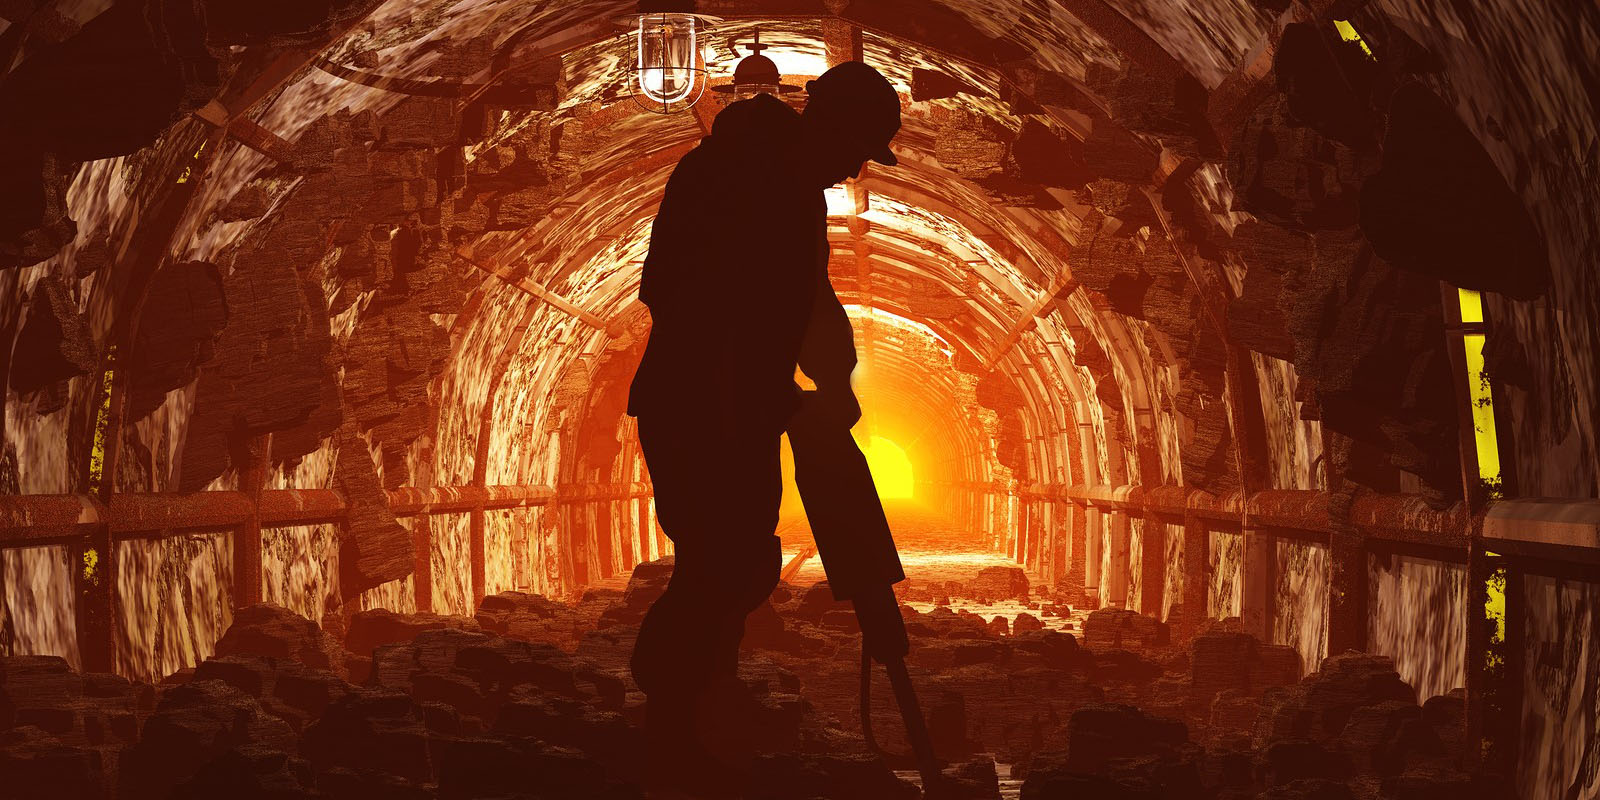 مشکلات معدن را به مجلس گزارش کنیم